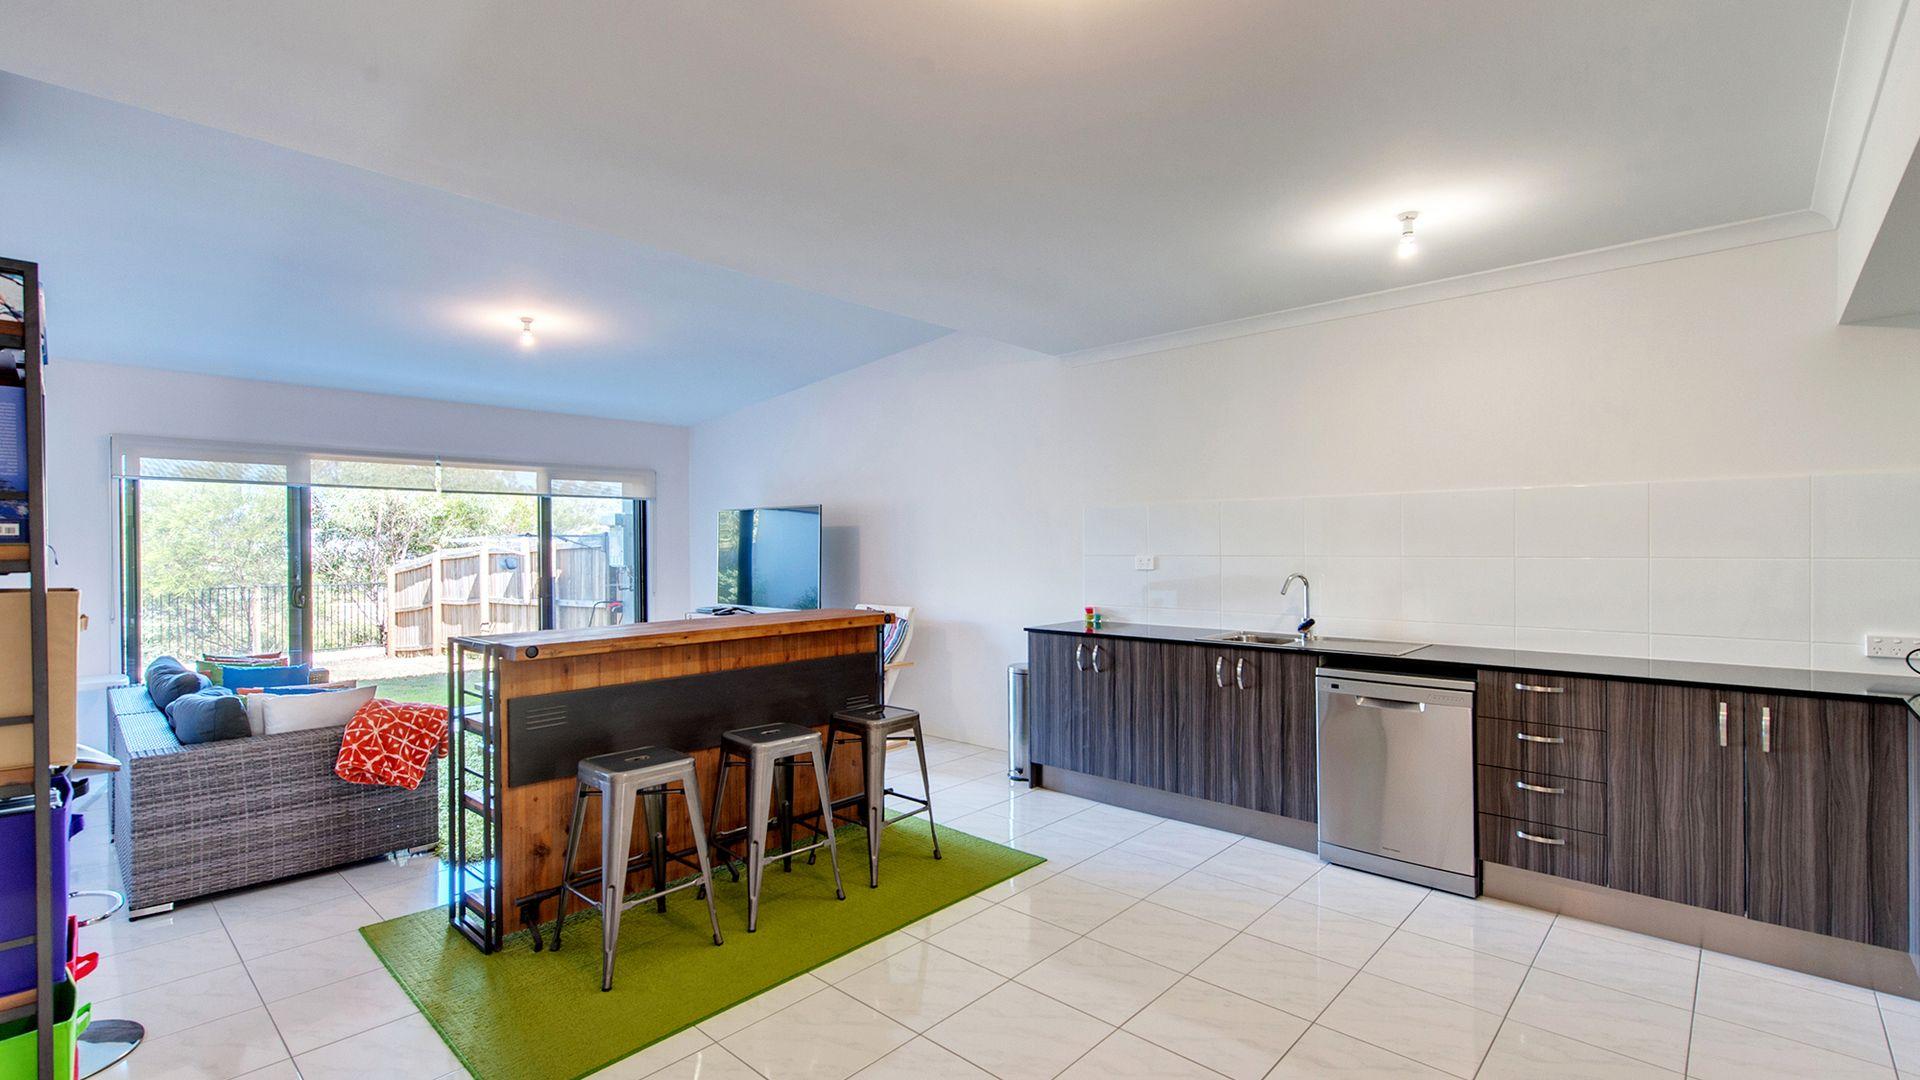 37 Acacia Lane, Ripley QLD 4306, Image 2